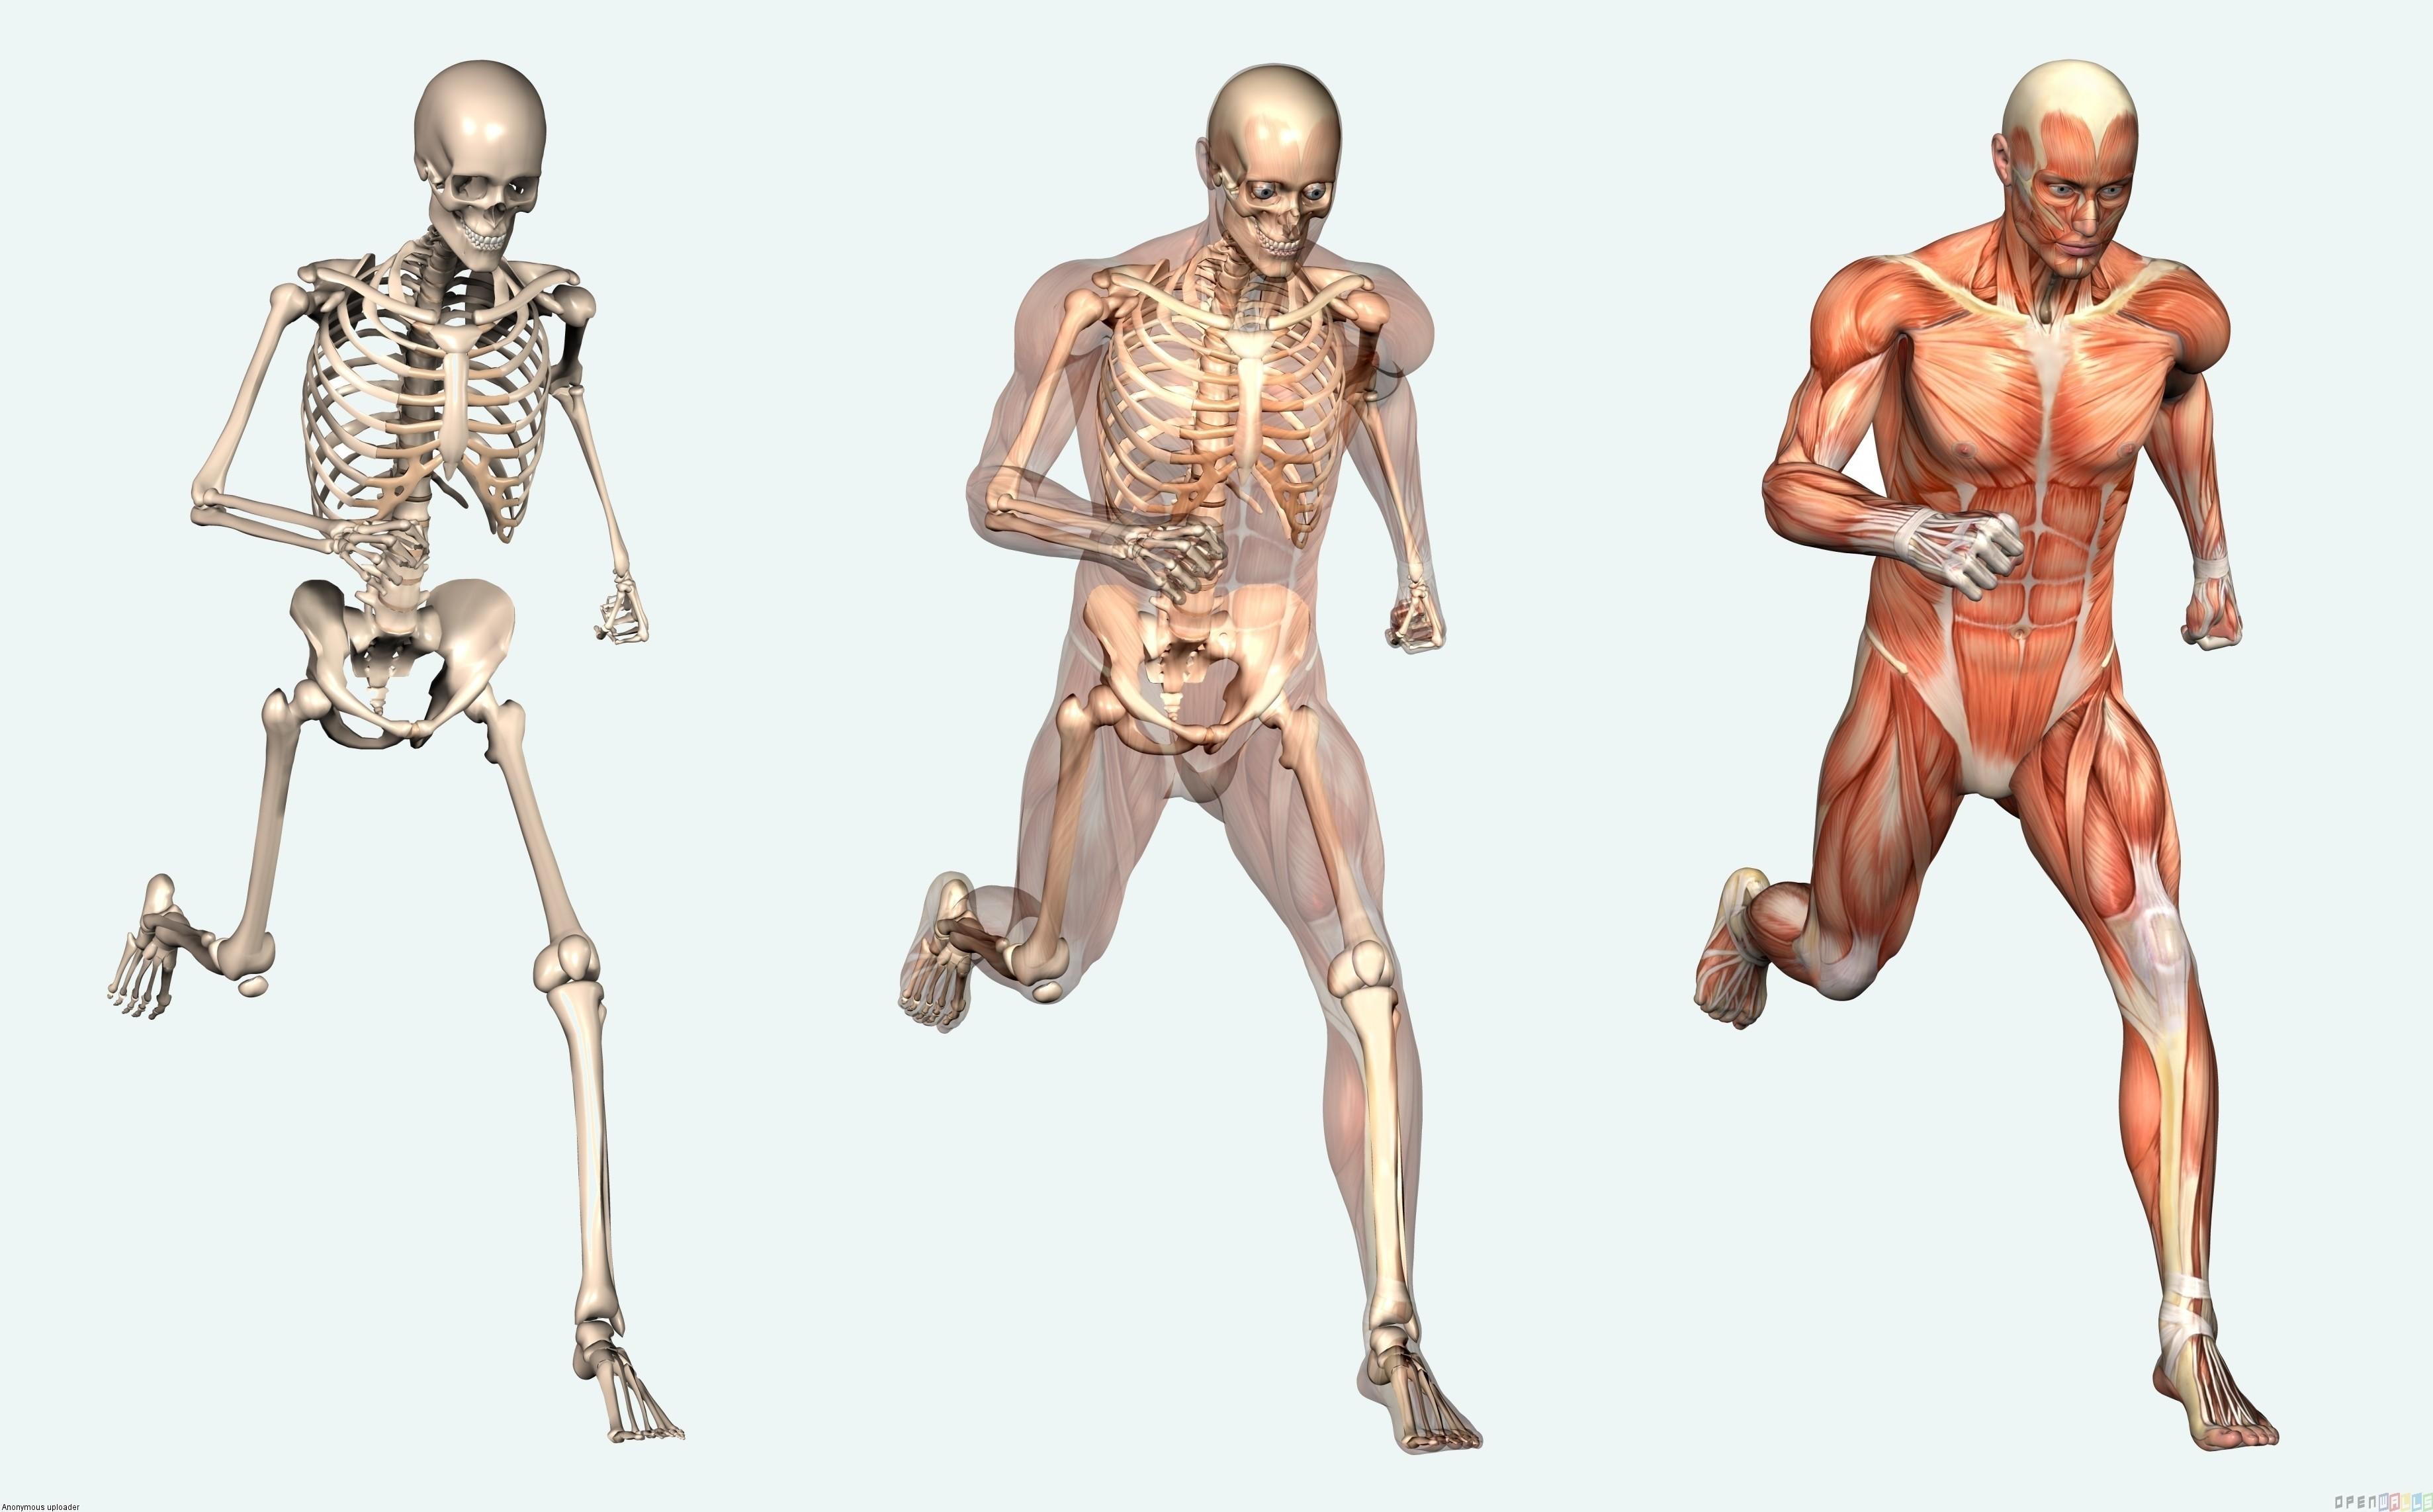 5 partes del cuerpo humano que no sirven para nada